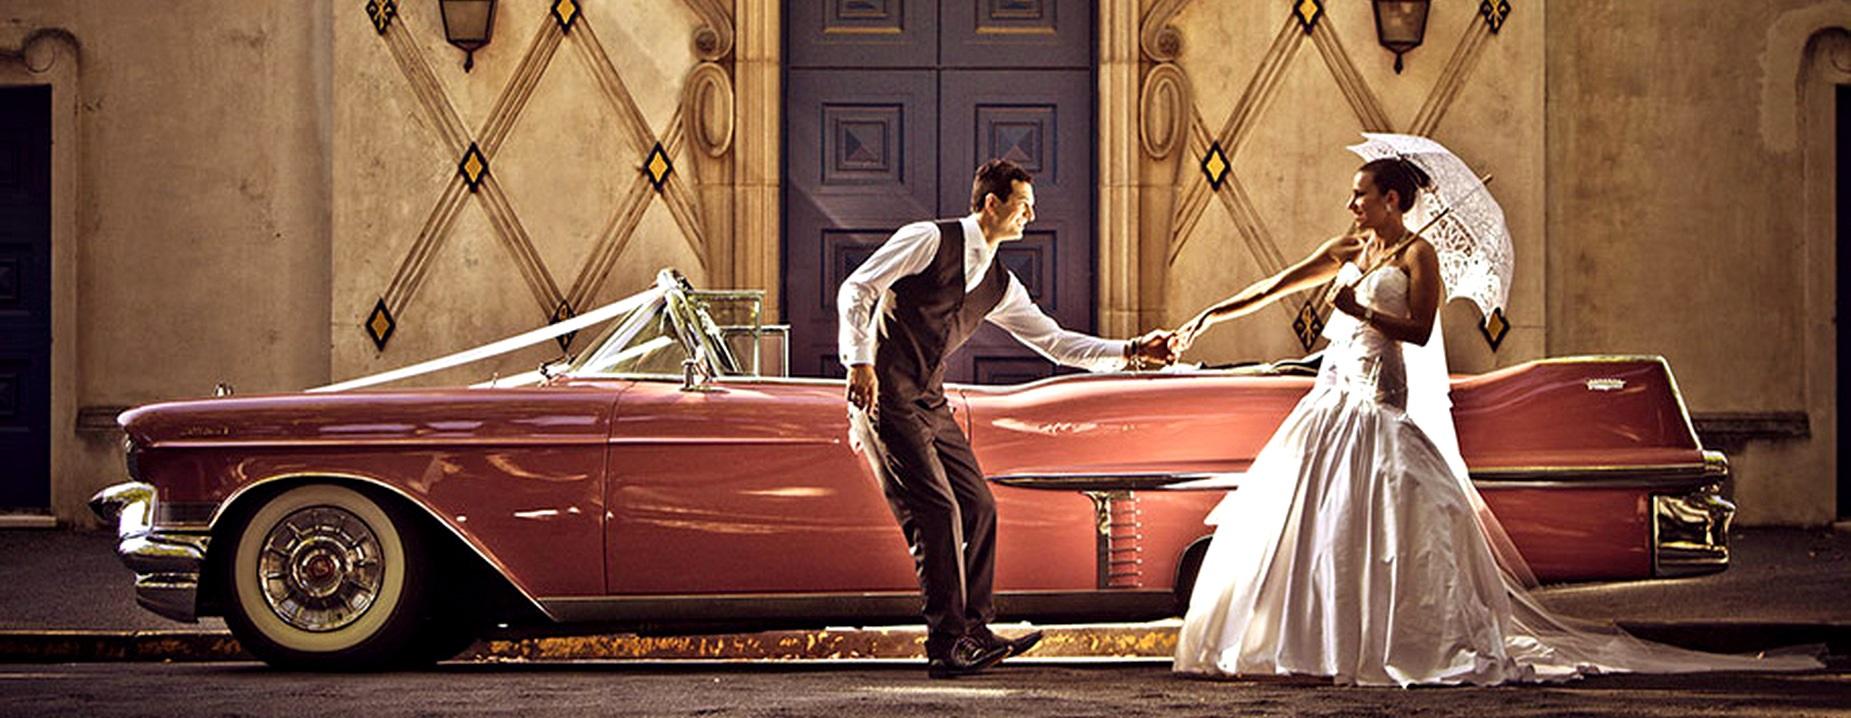 Rosa Cadillac veteranbil som bryllupsbil med brudepar utenfor flott bygning